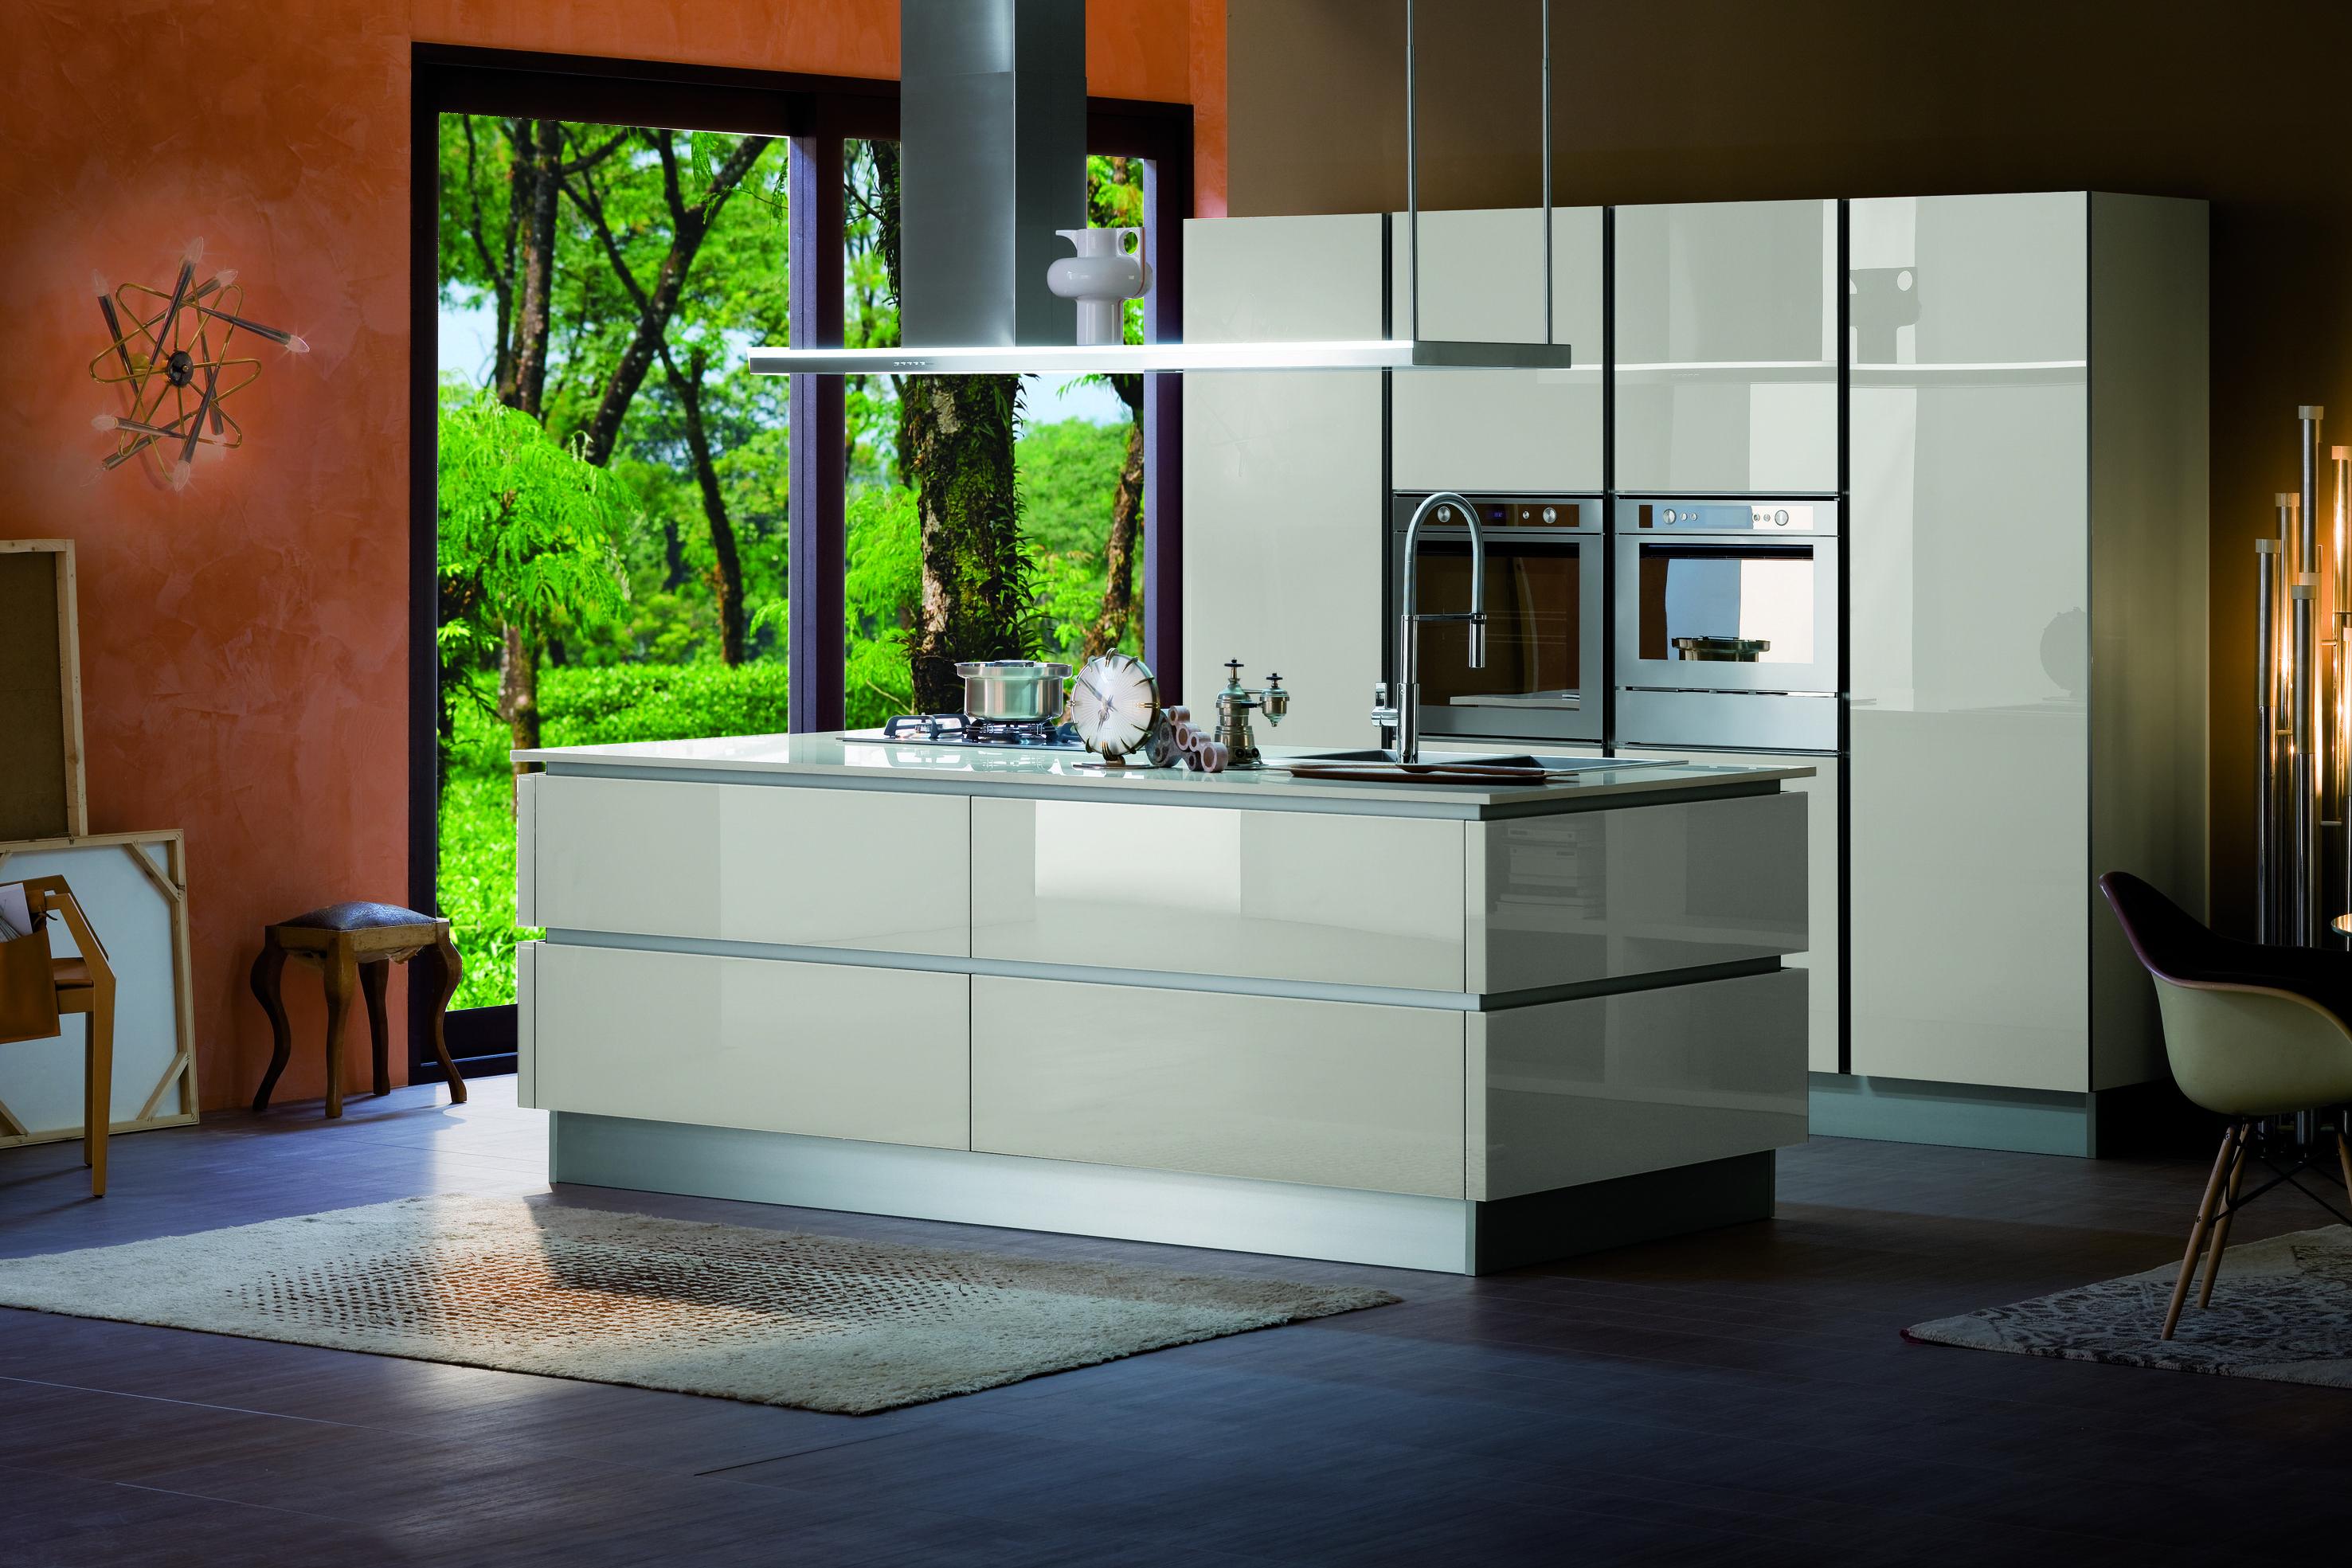 Ri Flex Veneta Cucine.Veneta Cucine Ri Flex Grigio Corda Kitchens Kitchen